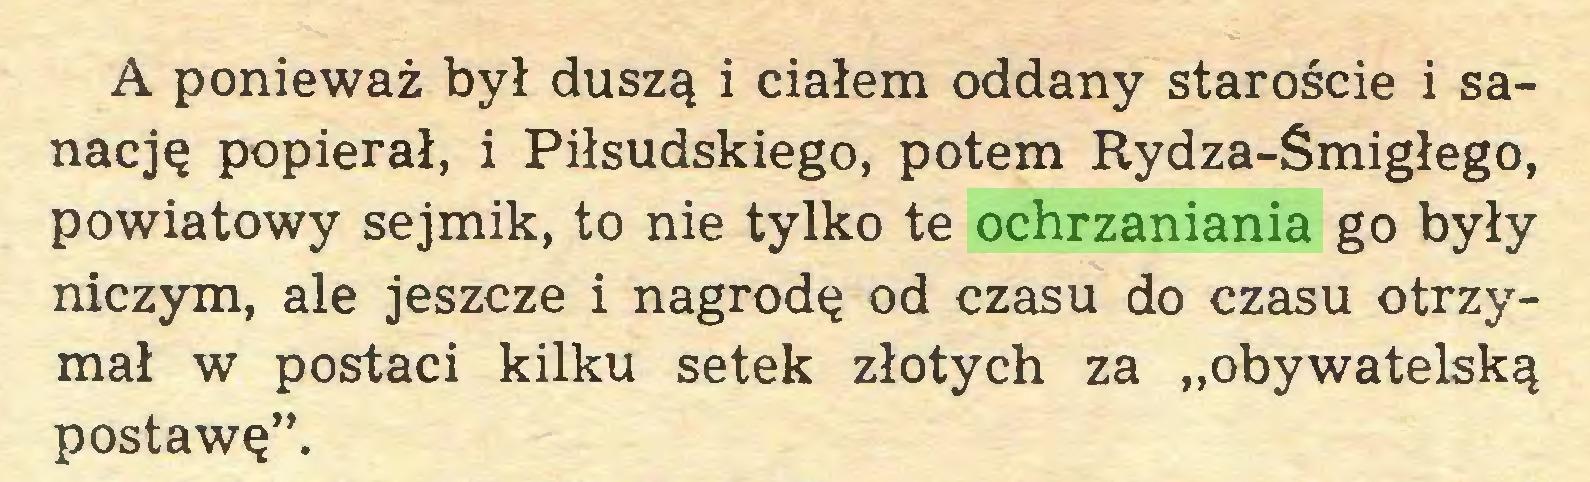 """(...) A ponieważ był duszą i ciałem oddany staroście i sanację popierał, i Piłsudskiego, potem Rydza-Smigłego, powiatowy sejmik, to nie tylko te ochrzaniania go były niczym, ale jeszcze i nagrodę od czasu do czasu otrzymał w postaci kilku setek złotych za """"obywatelską postawę""""..."""